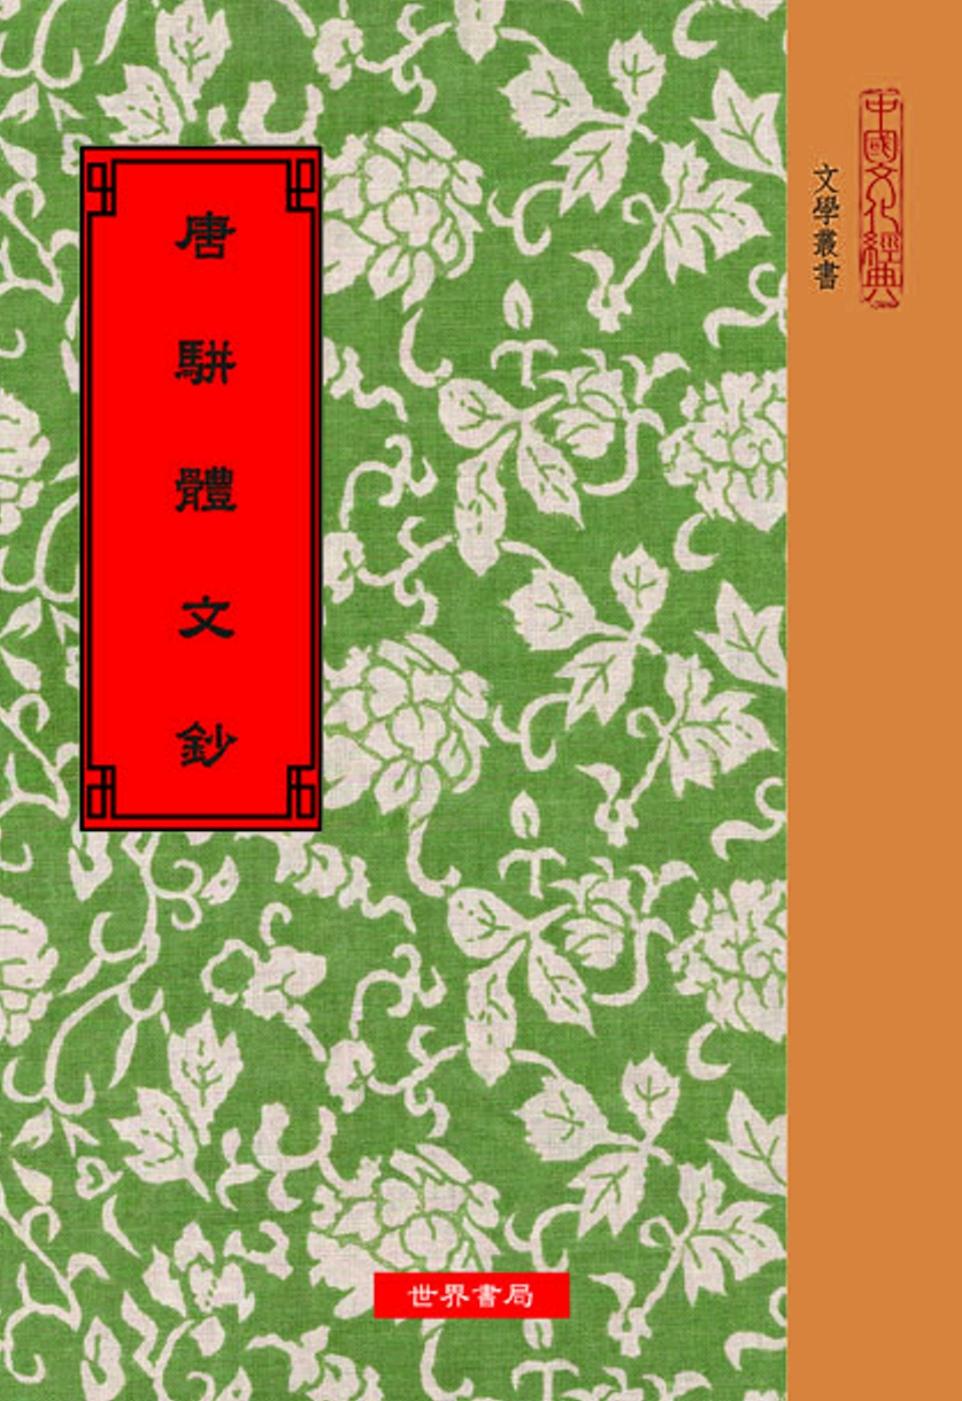 唐駢體文鈔